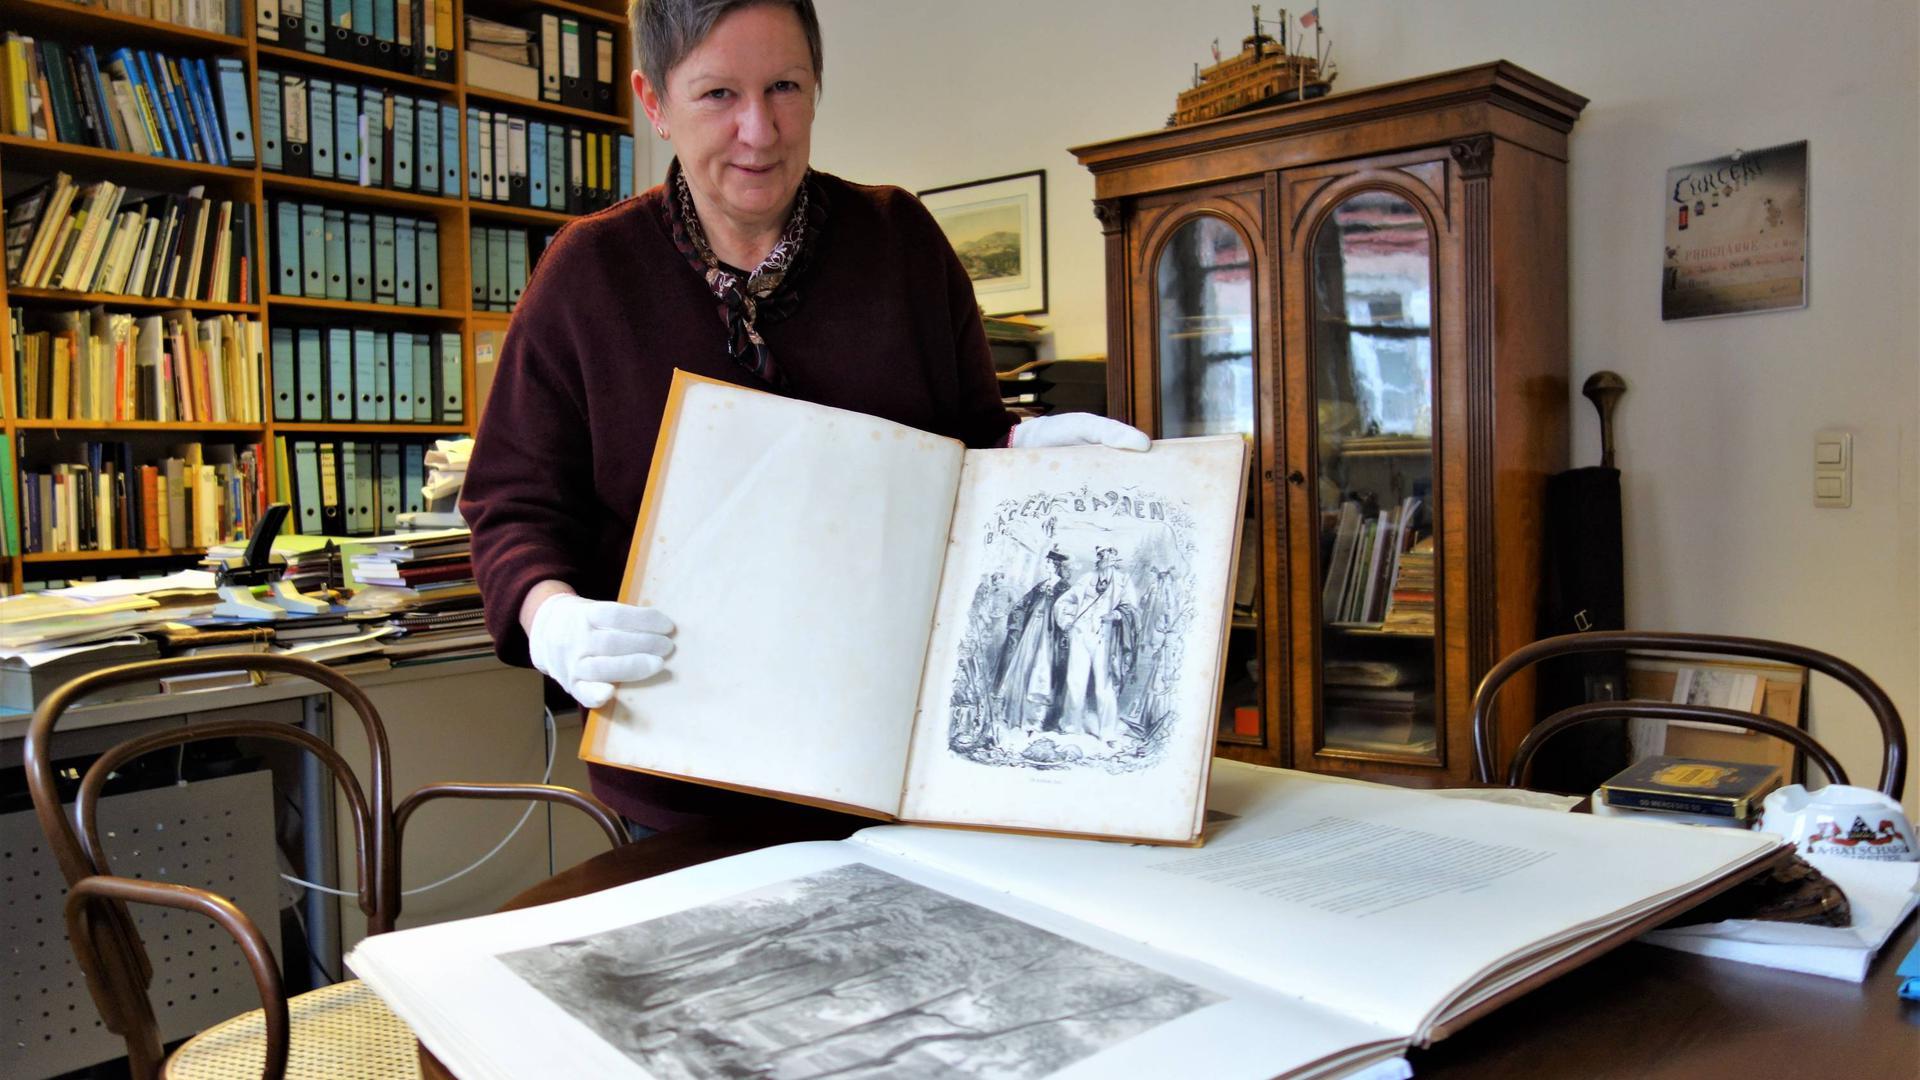 Heike Kronenwett, Leiterin des Stadtmuseums und Stadtarchivs Baden-Baden, zeigt kostbare historische Bildbände, die teilweise bereits digital erfasst sind.